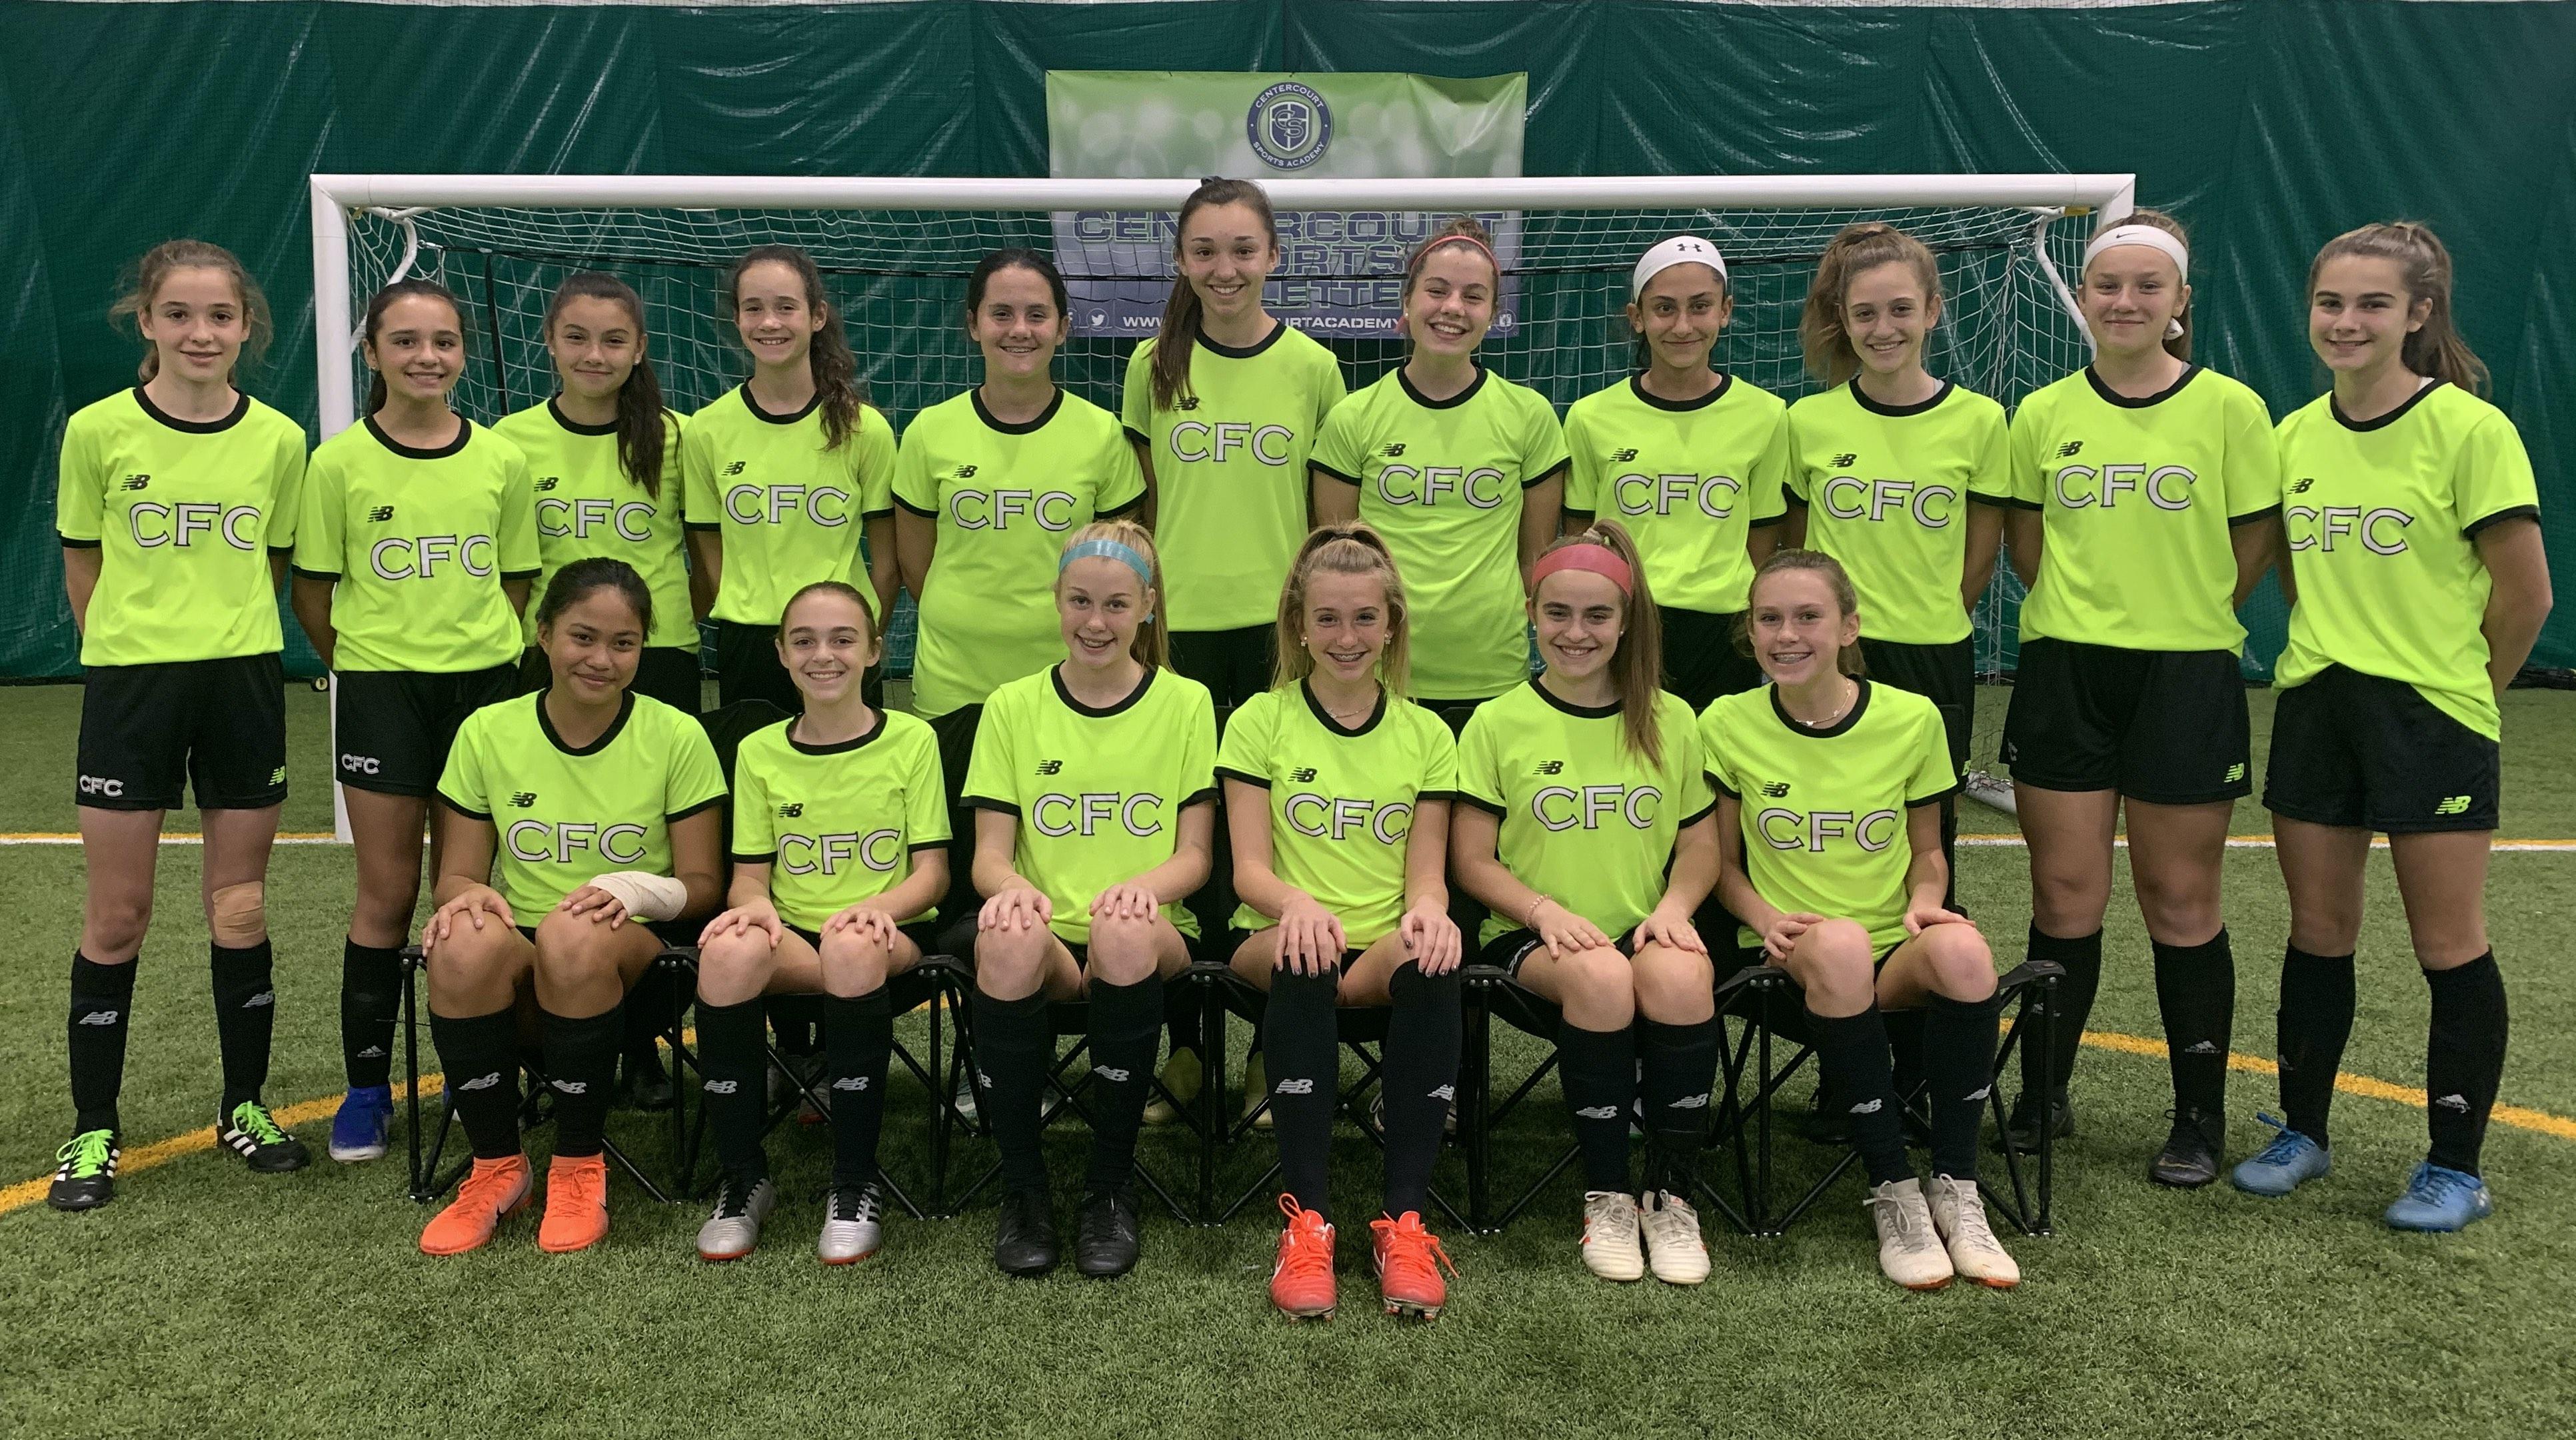 Centercourt FC 06 Green